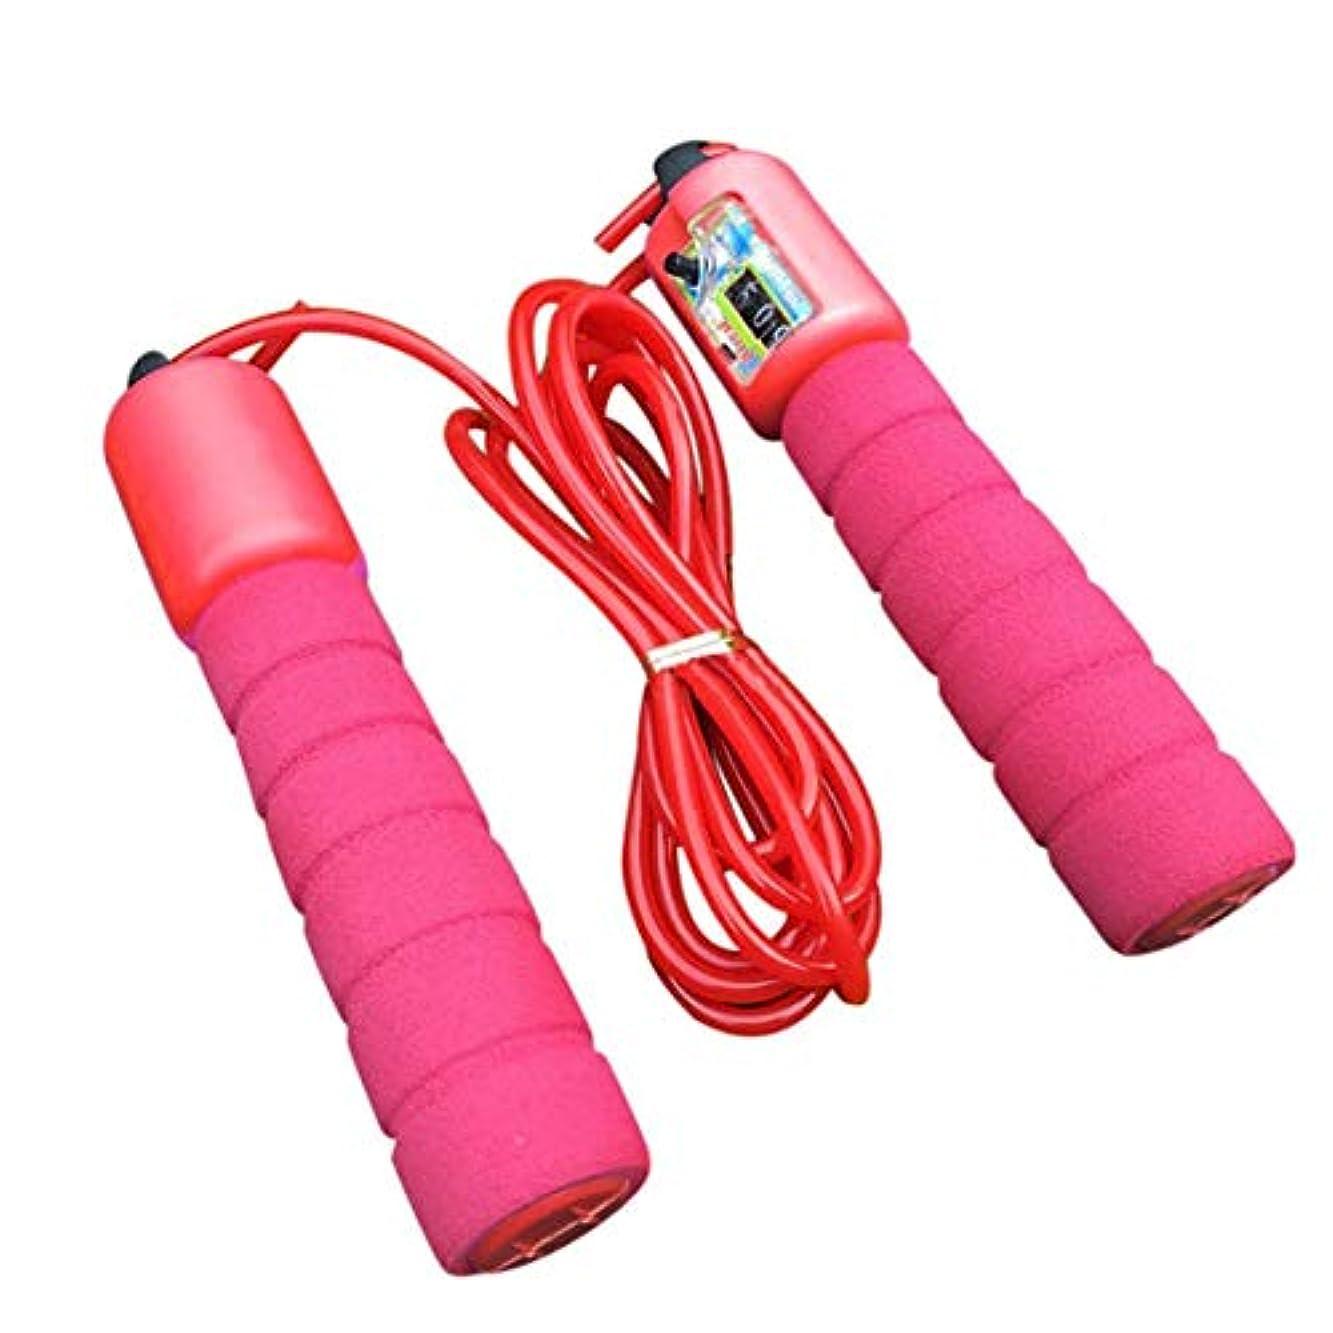 郵便物比較的肝調整可能なプロフェッショナルカウント縄跳び自動カウントジャンプロープフィットネス運動高速カウントジャンプロープ - 赤